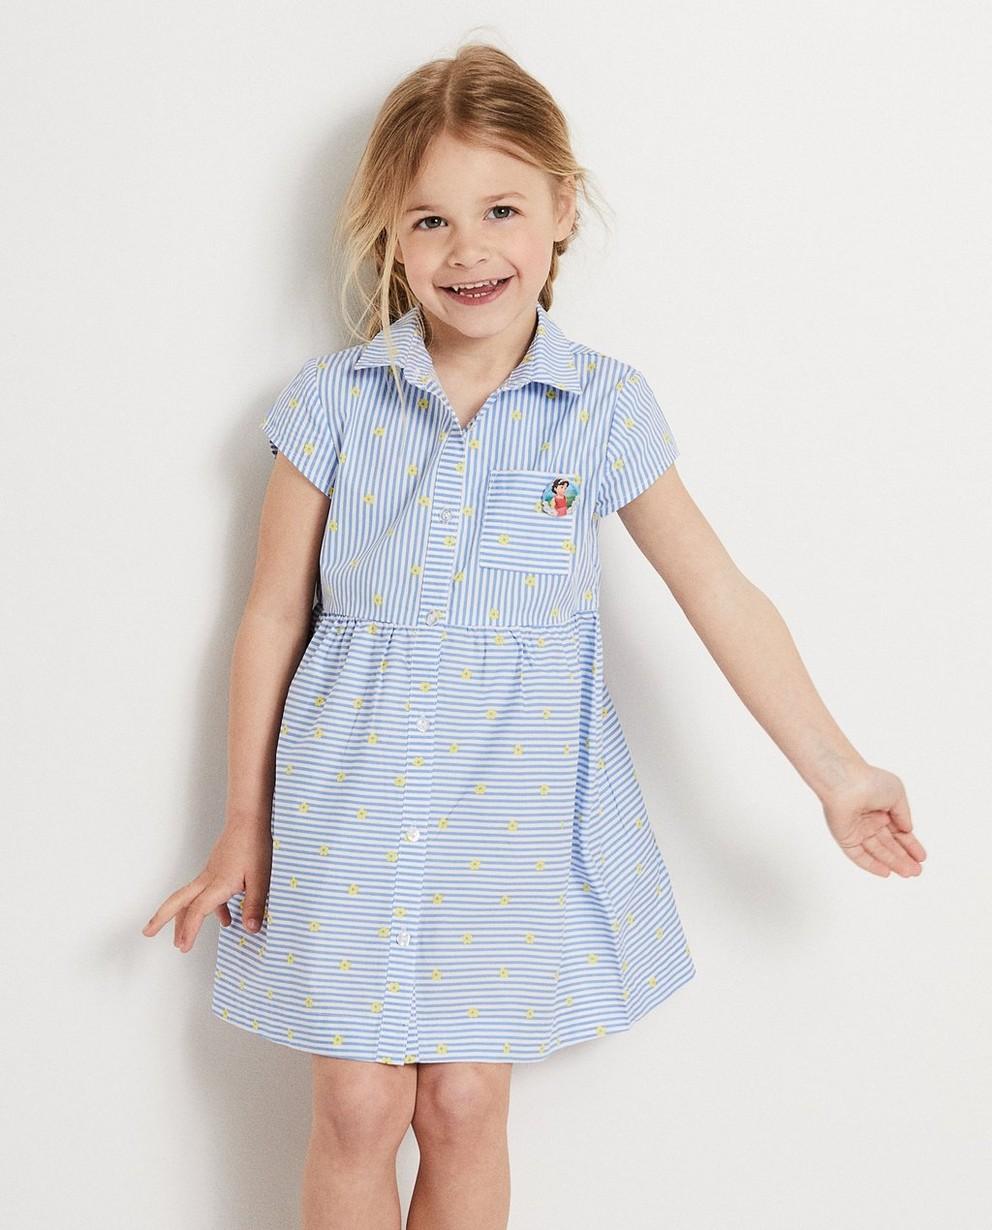 Robes - AO1 - Blauw jurkje met strepen Heidi